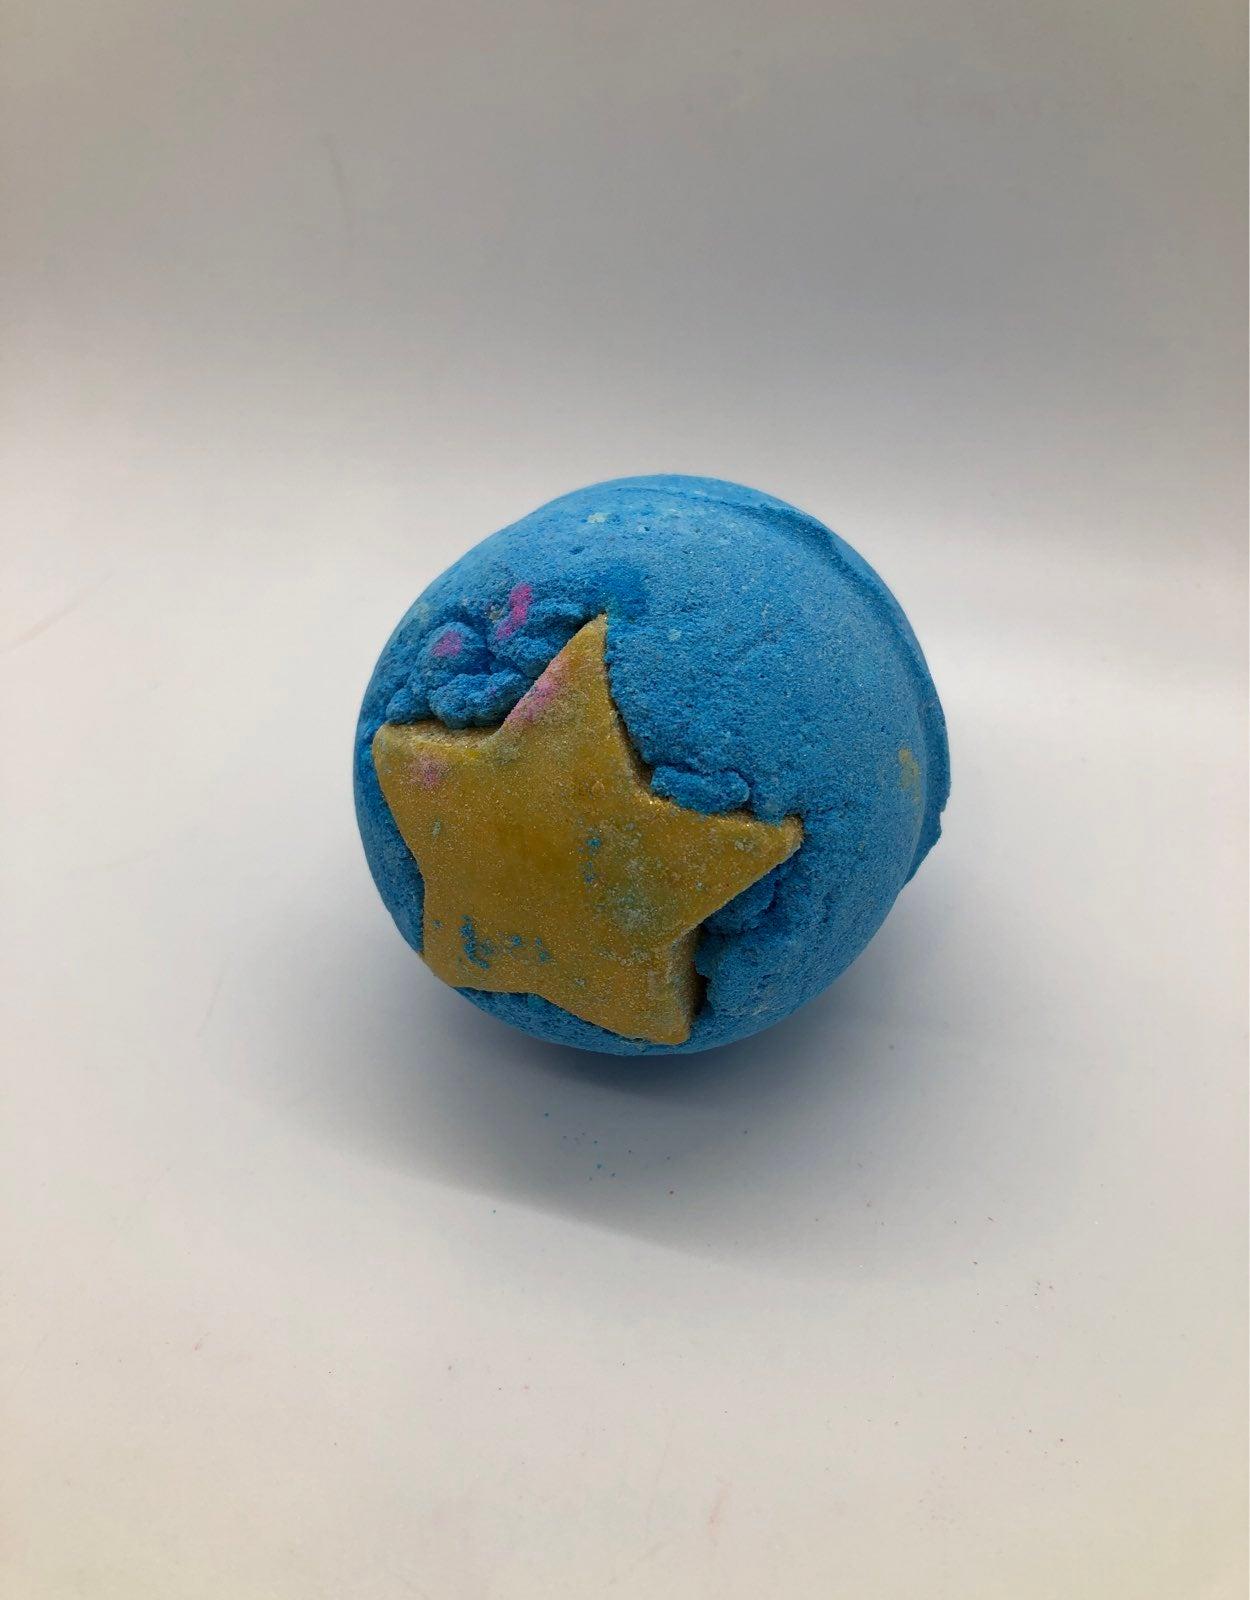 Lush mini small shoot stars hiwtk bomb